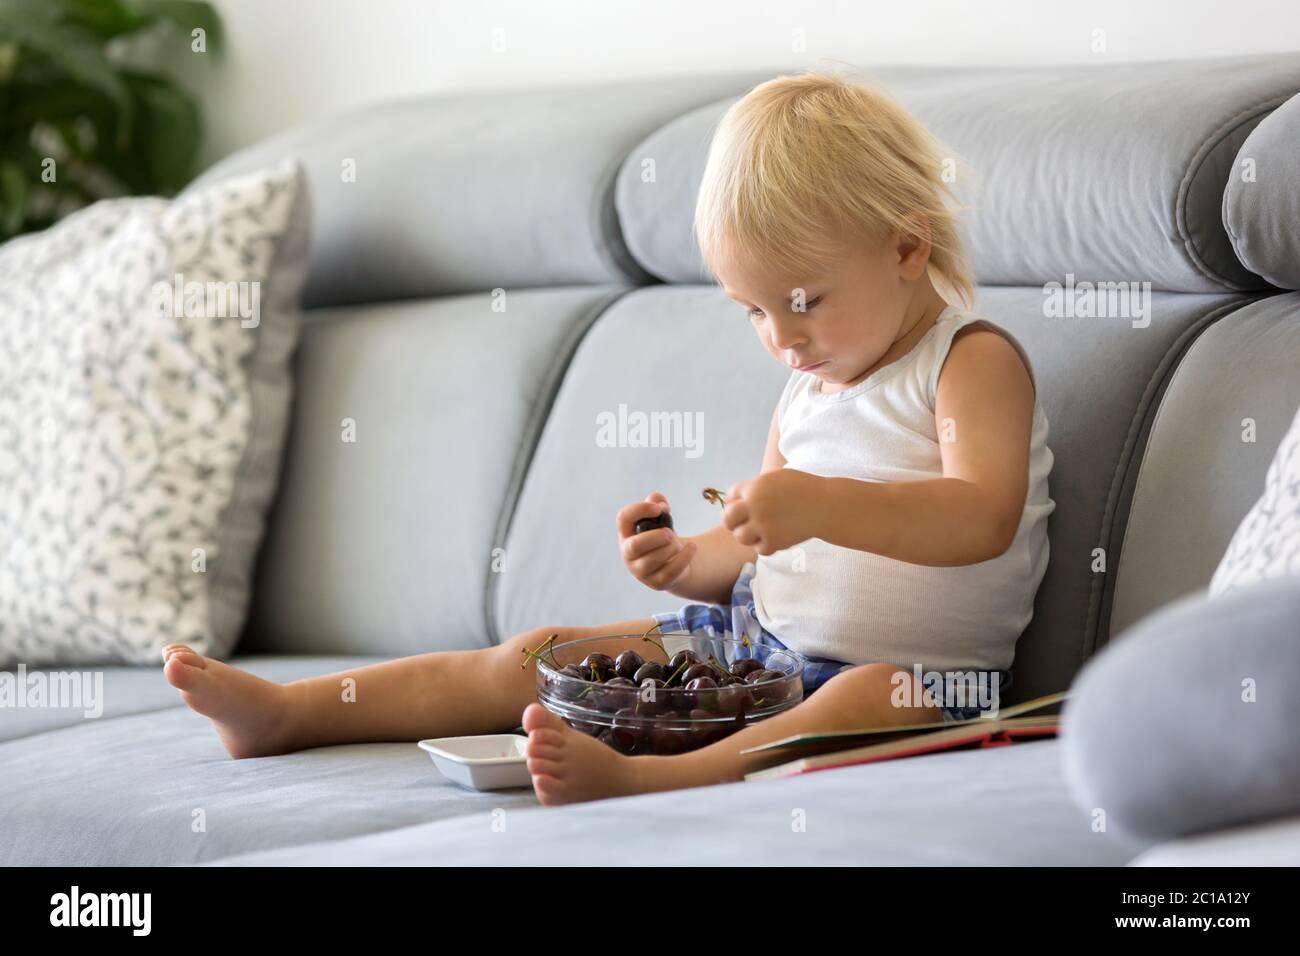 Un tout-petit, assis sur un canapé, mangeant des cerises et regardant un livre d'images, en dégustant un repas sain Banque D'Images